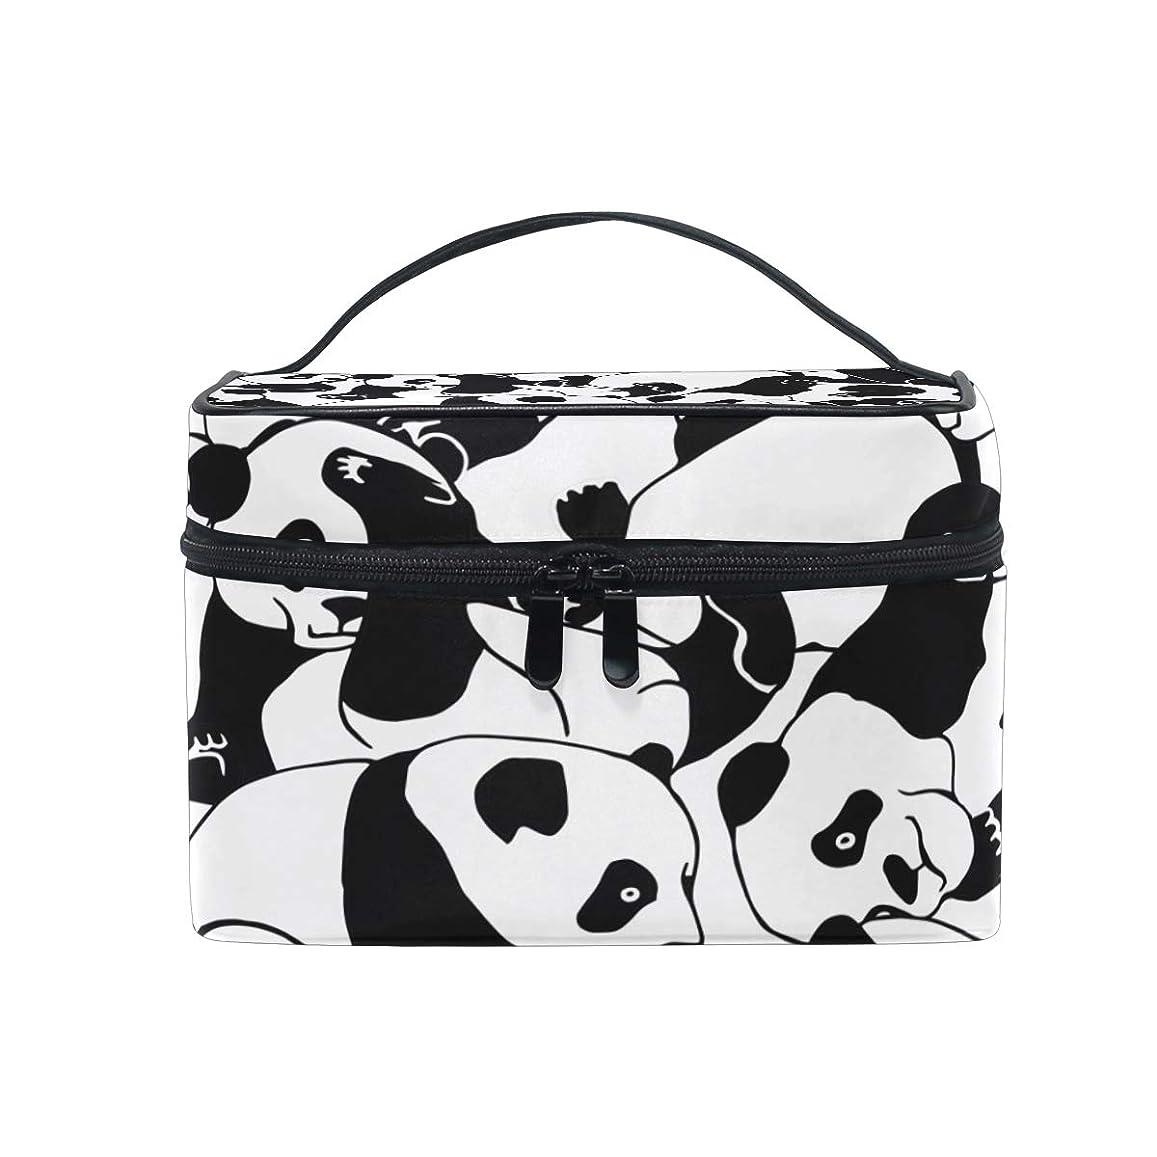 食物レビューカレンダーUOOYA パンダ Panda 黒白 おしゃれ メイクボックス 大容量 持ち運び メイクポーチ 人気 小物入れ 通学 通勤 旅行用 プレゼント用